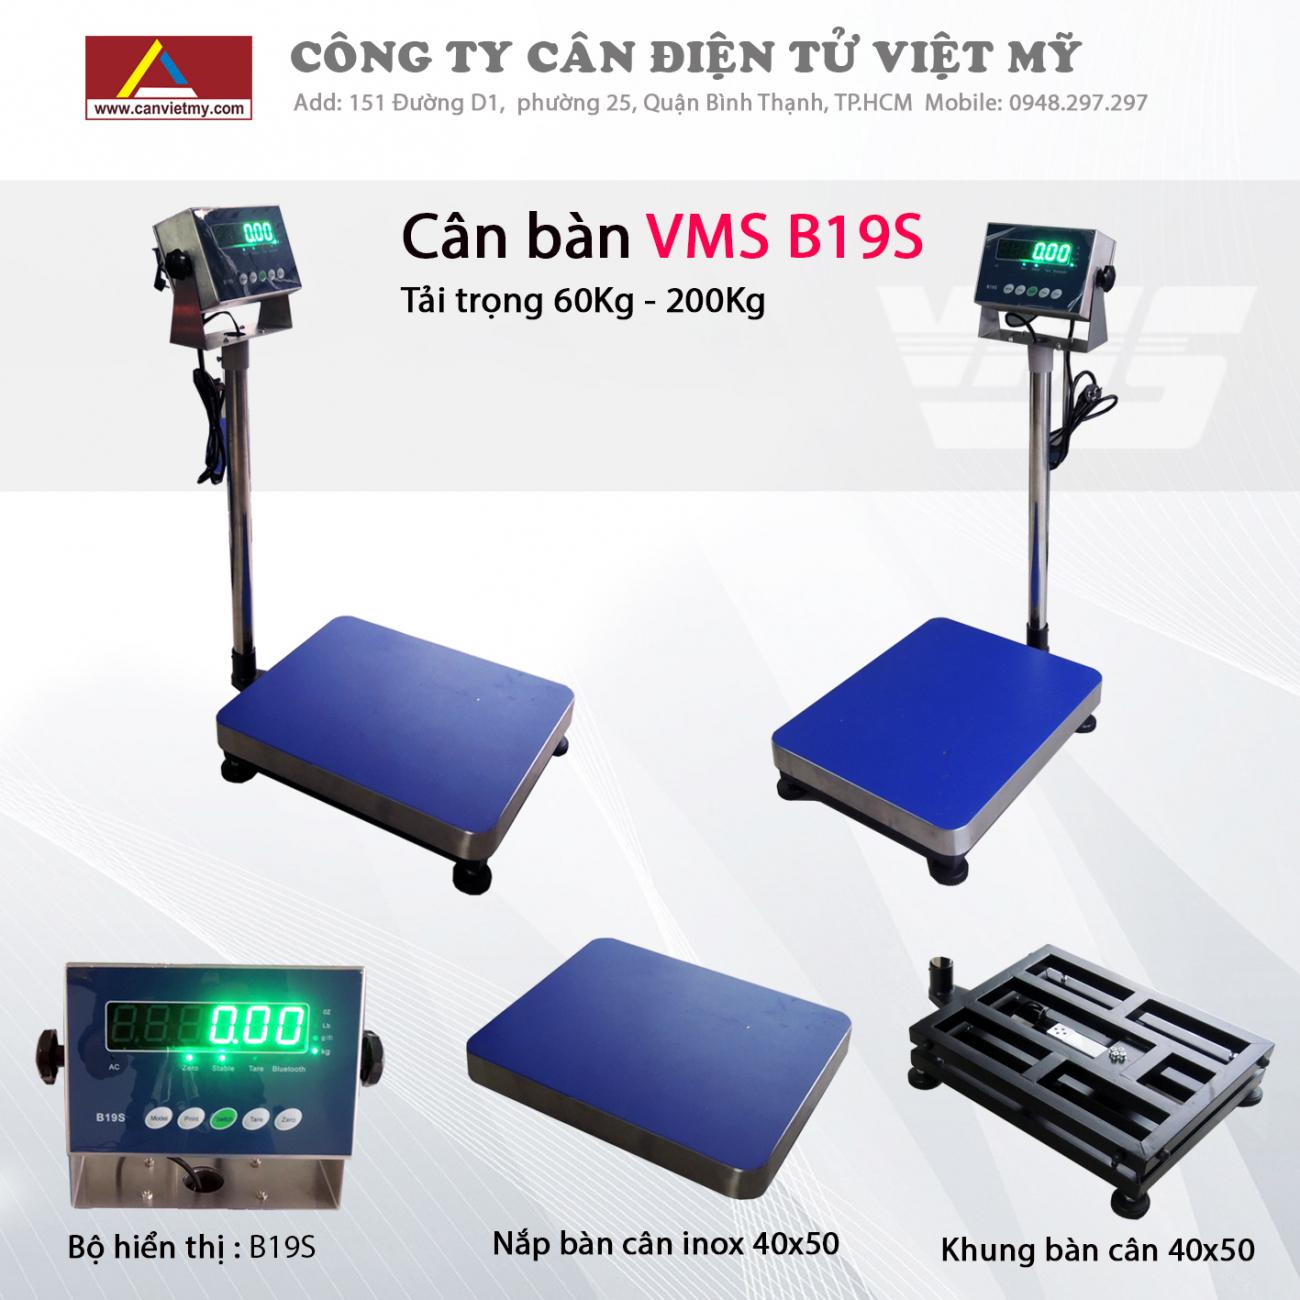 Cân bàn điện tử 300kg - vms b19s